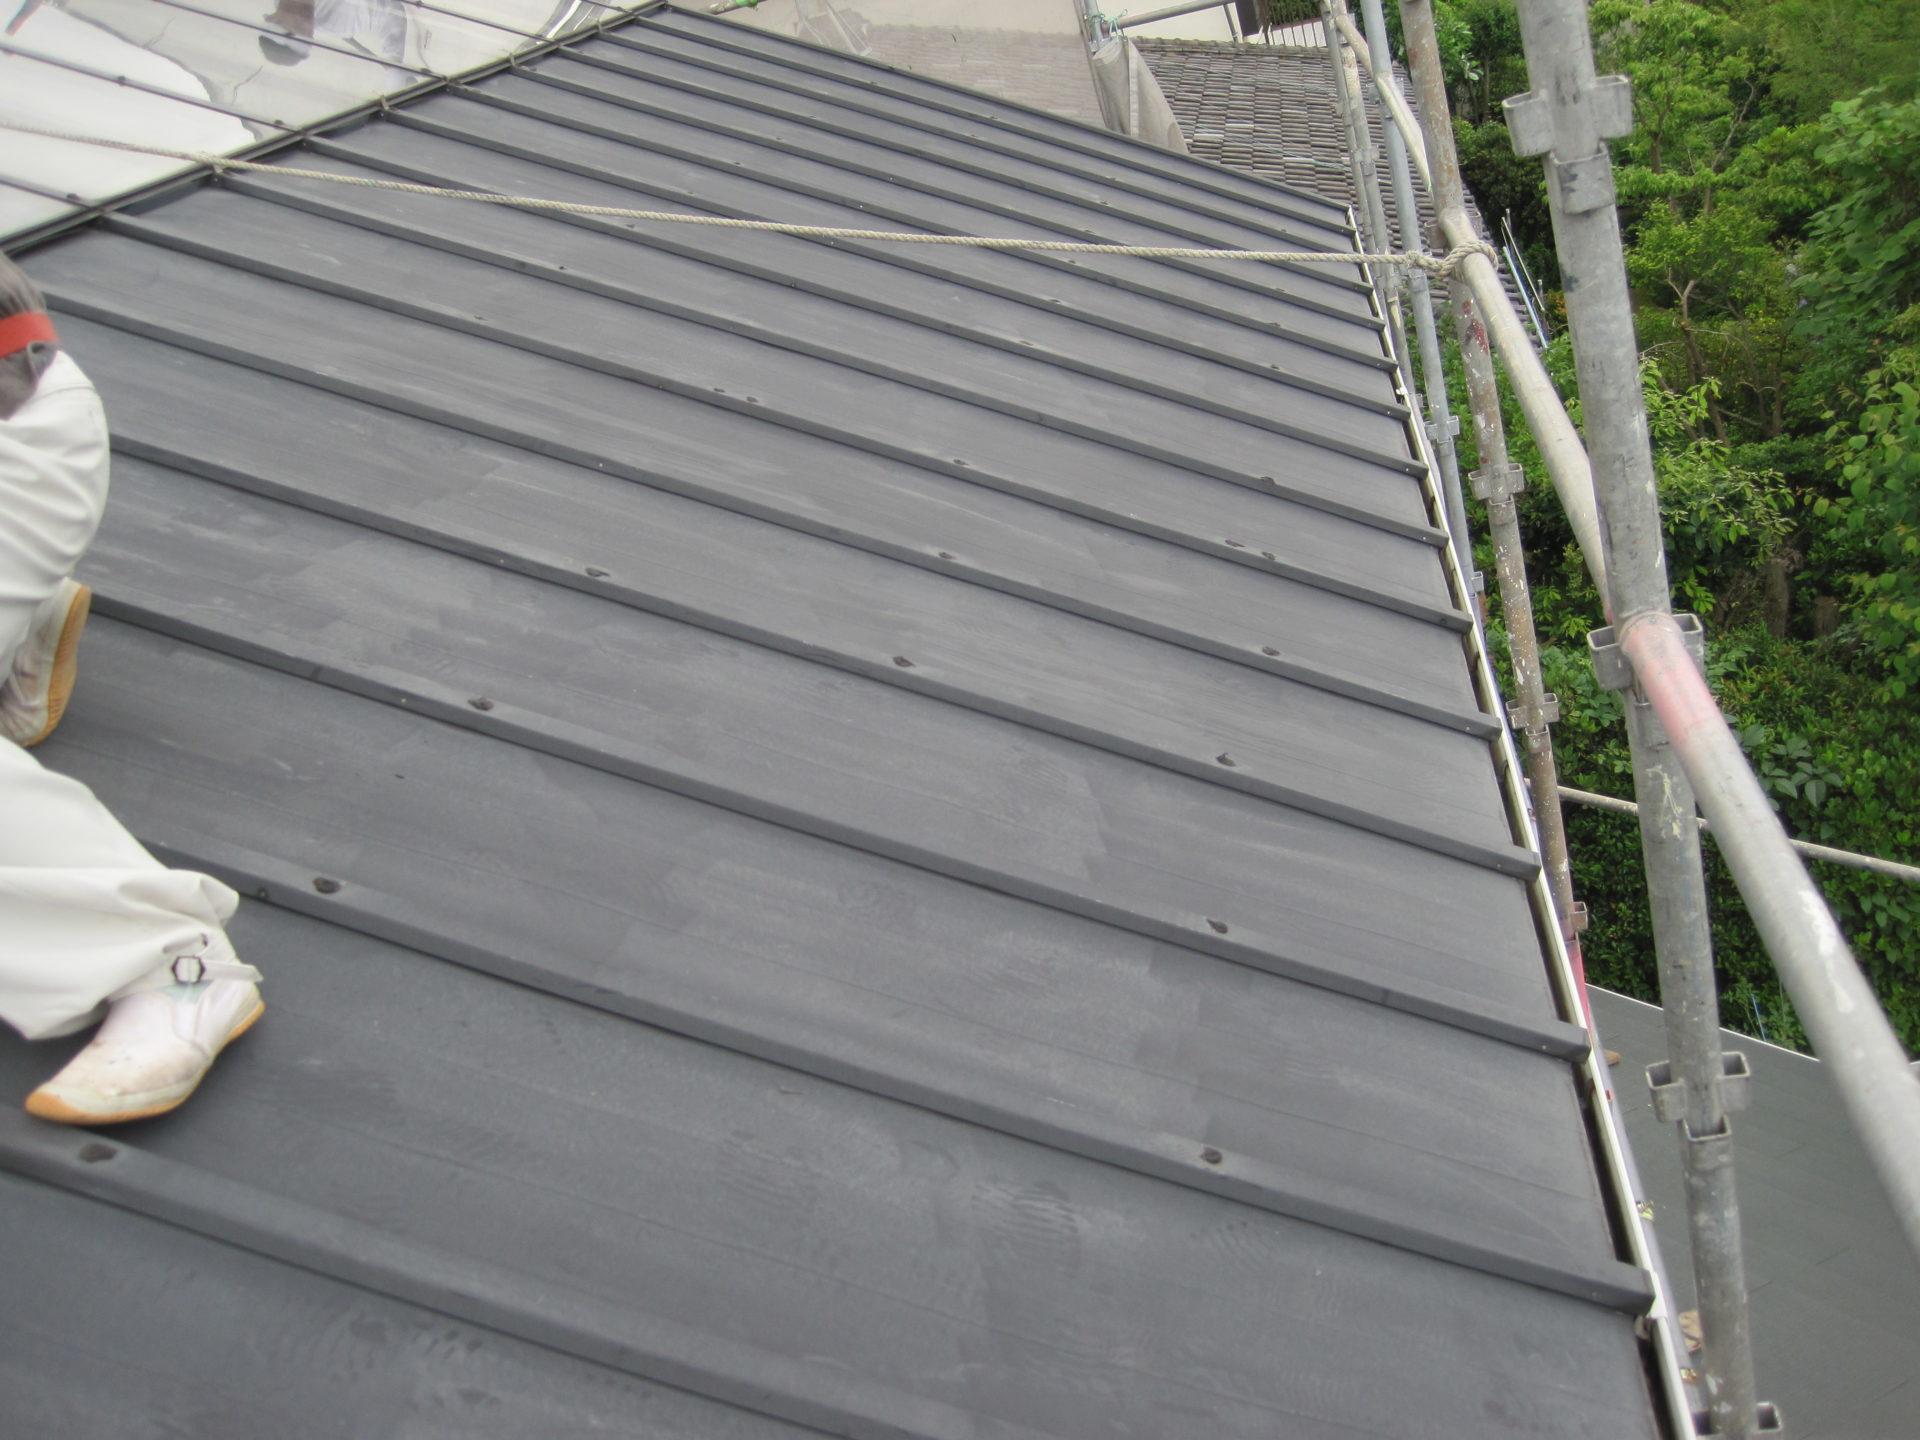 岡山県岡山市 瓦棒屋根塗装 既存屋根の写真